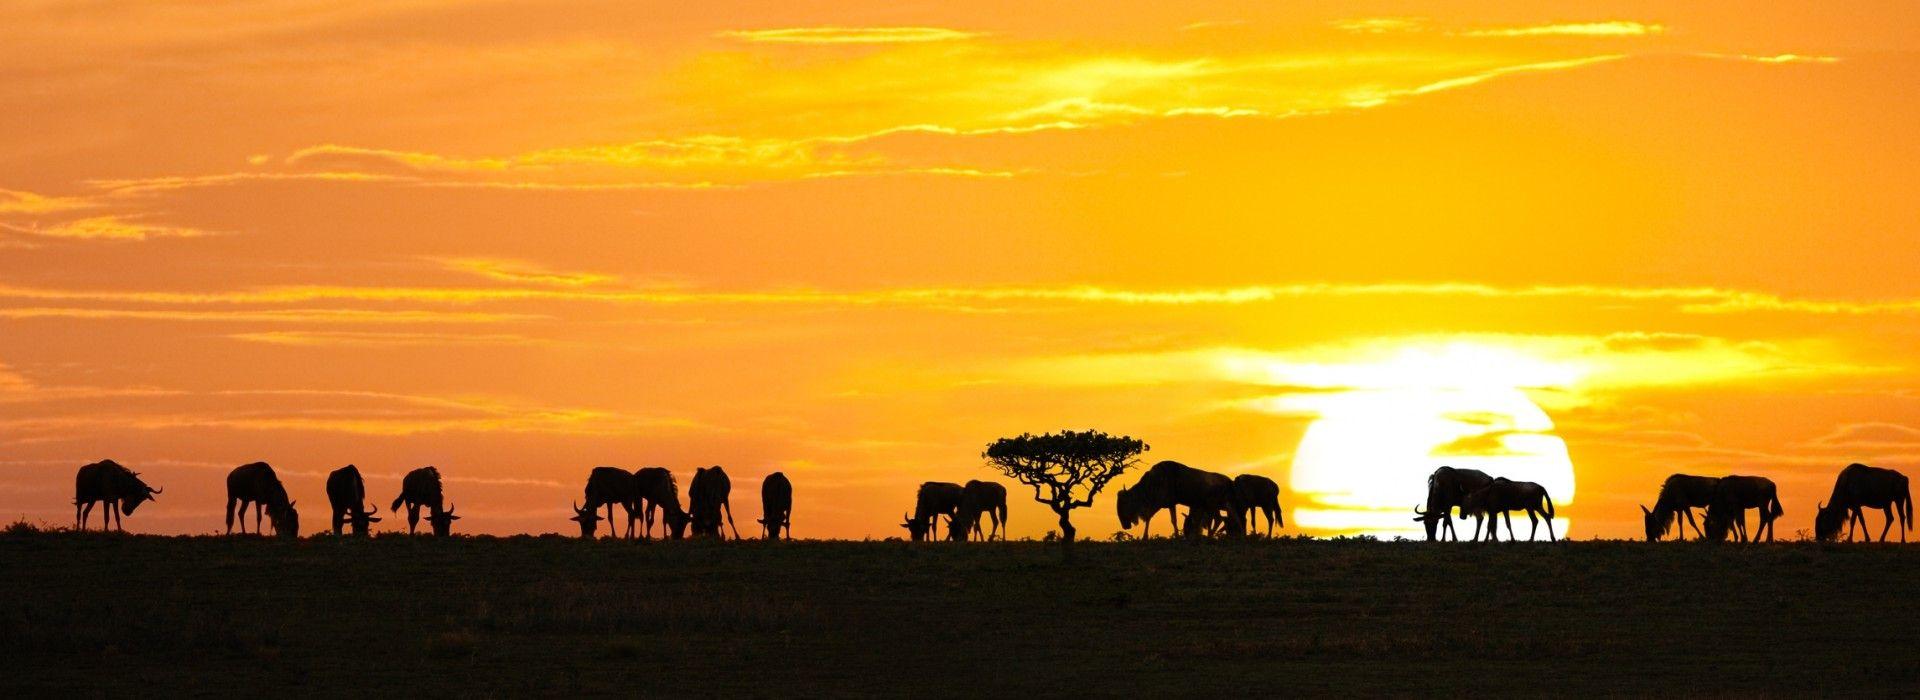 Natural landmarks sightseeing Tours in Arusha